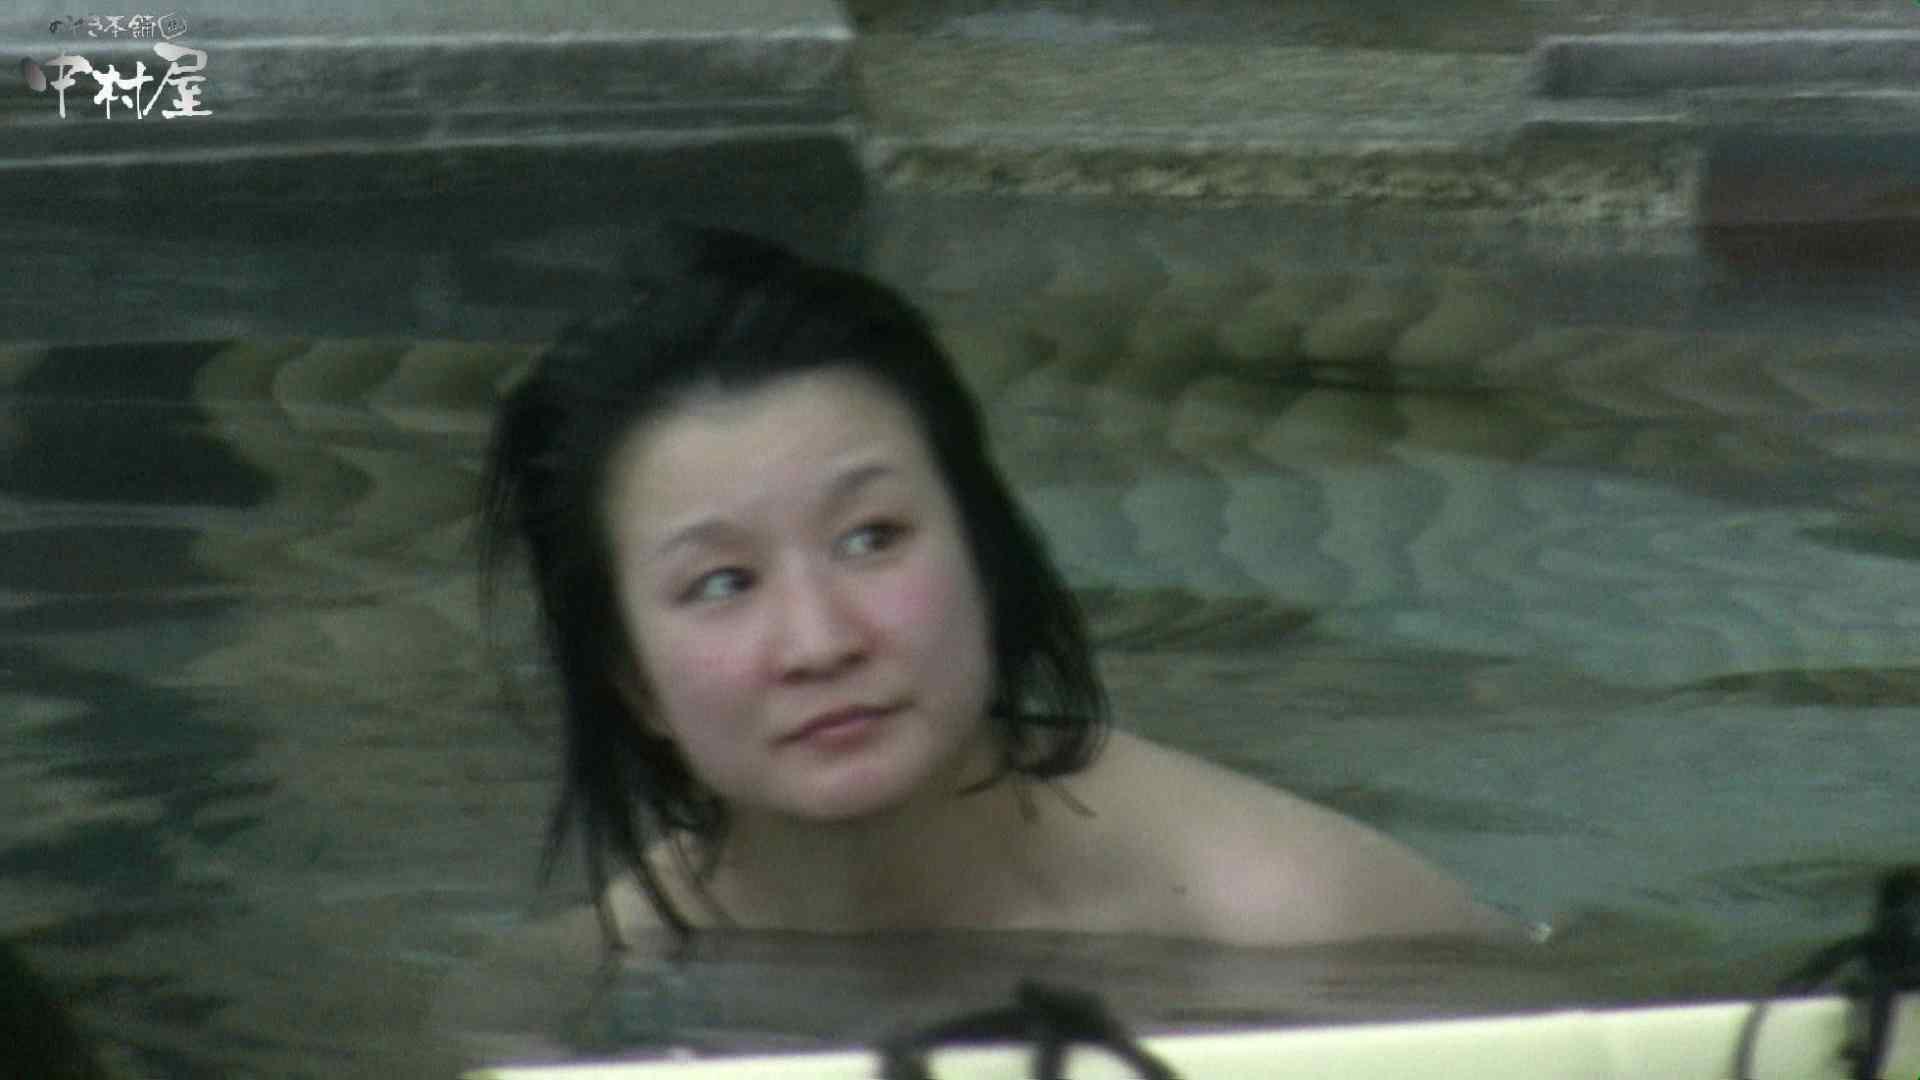 Aquaな露天風呂Vol.982 美しいOLの裸体   盗撮師作品  78pic 46